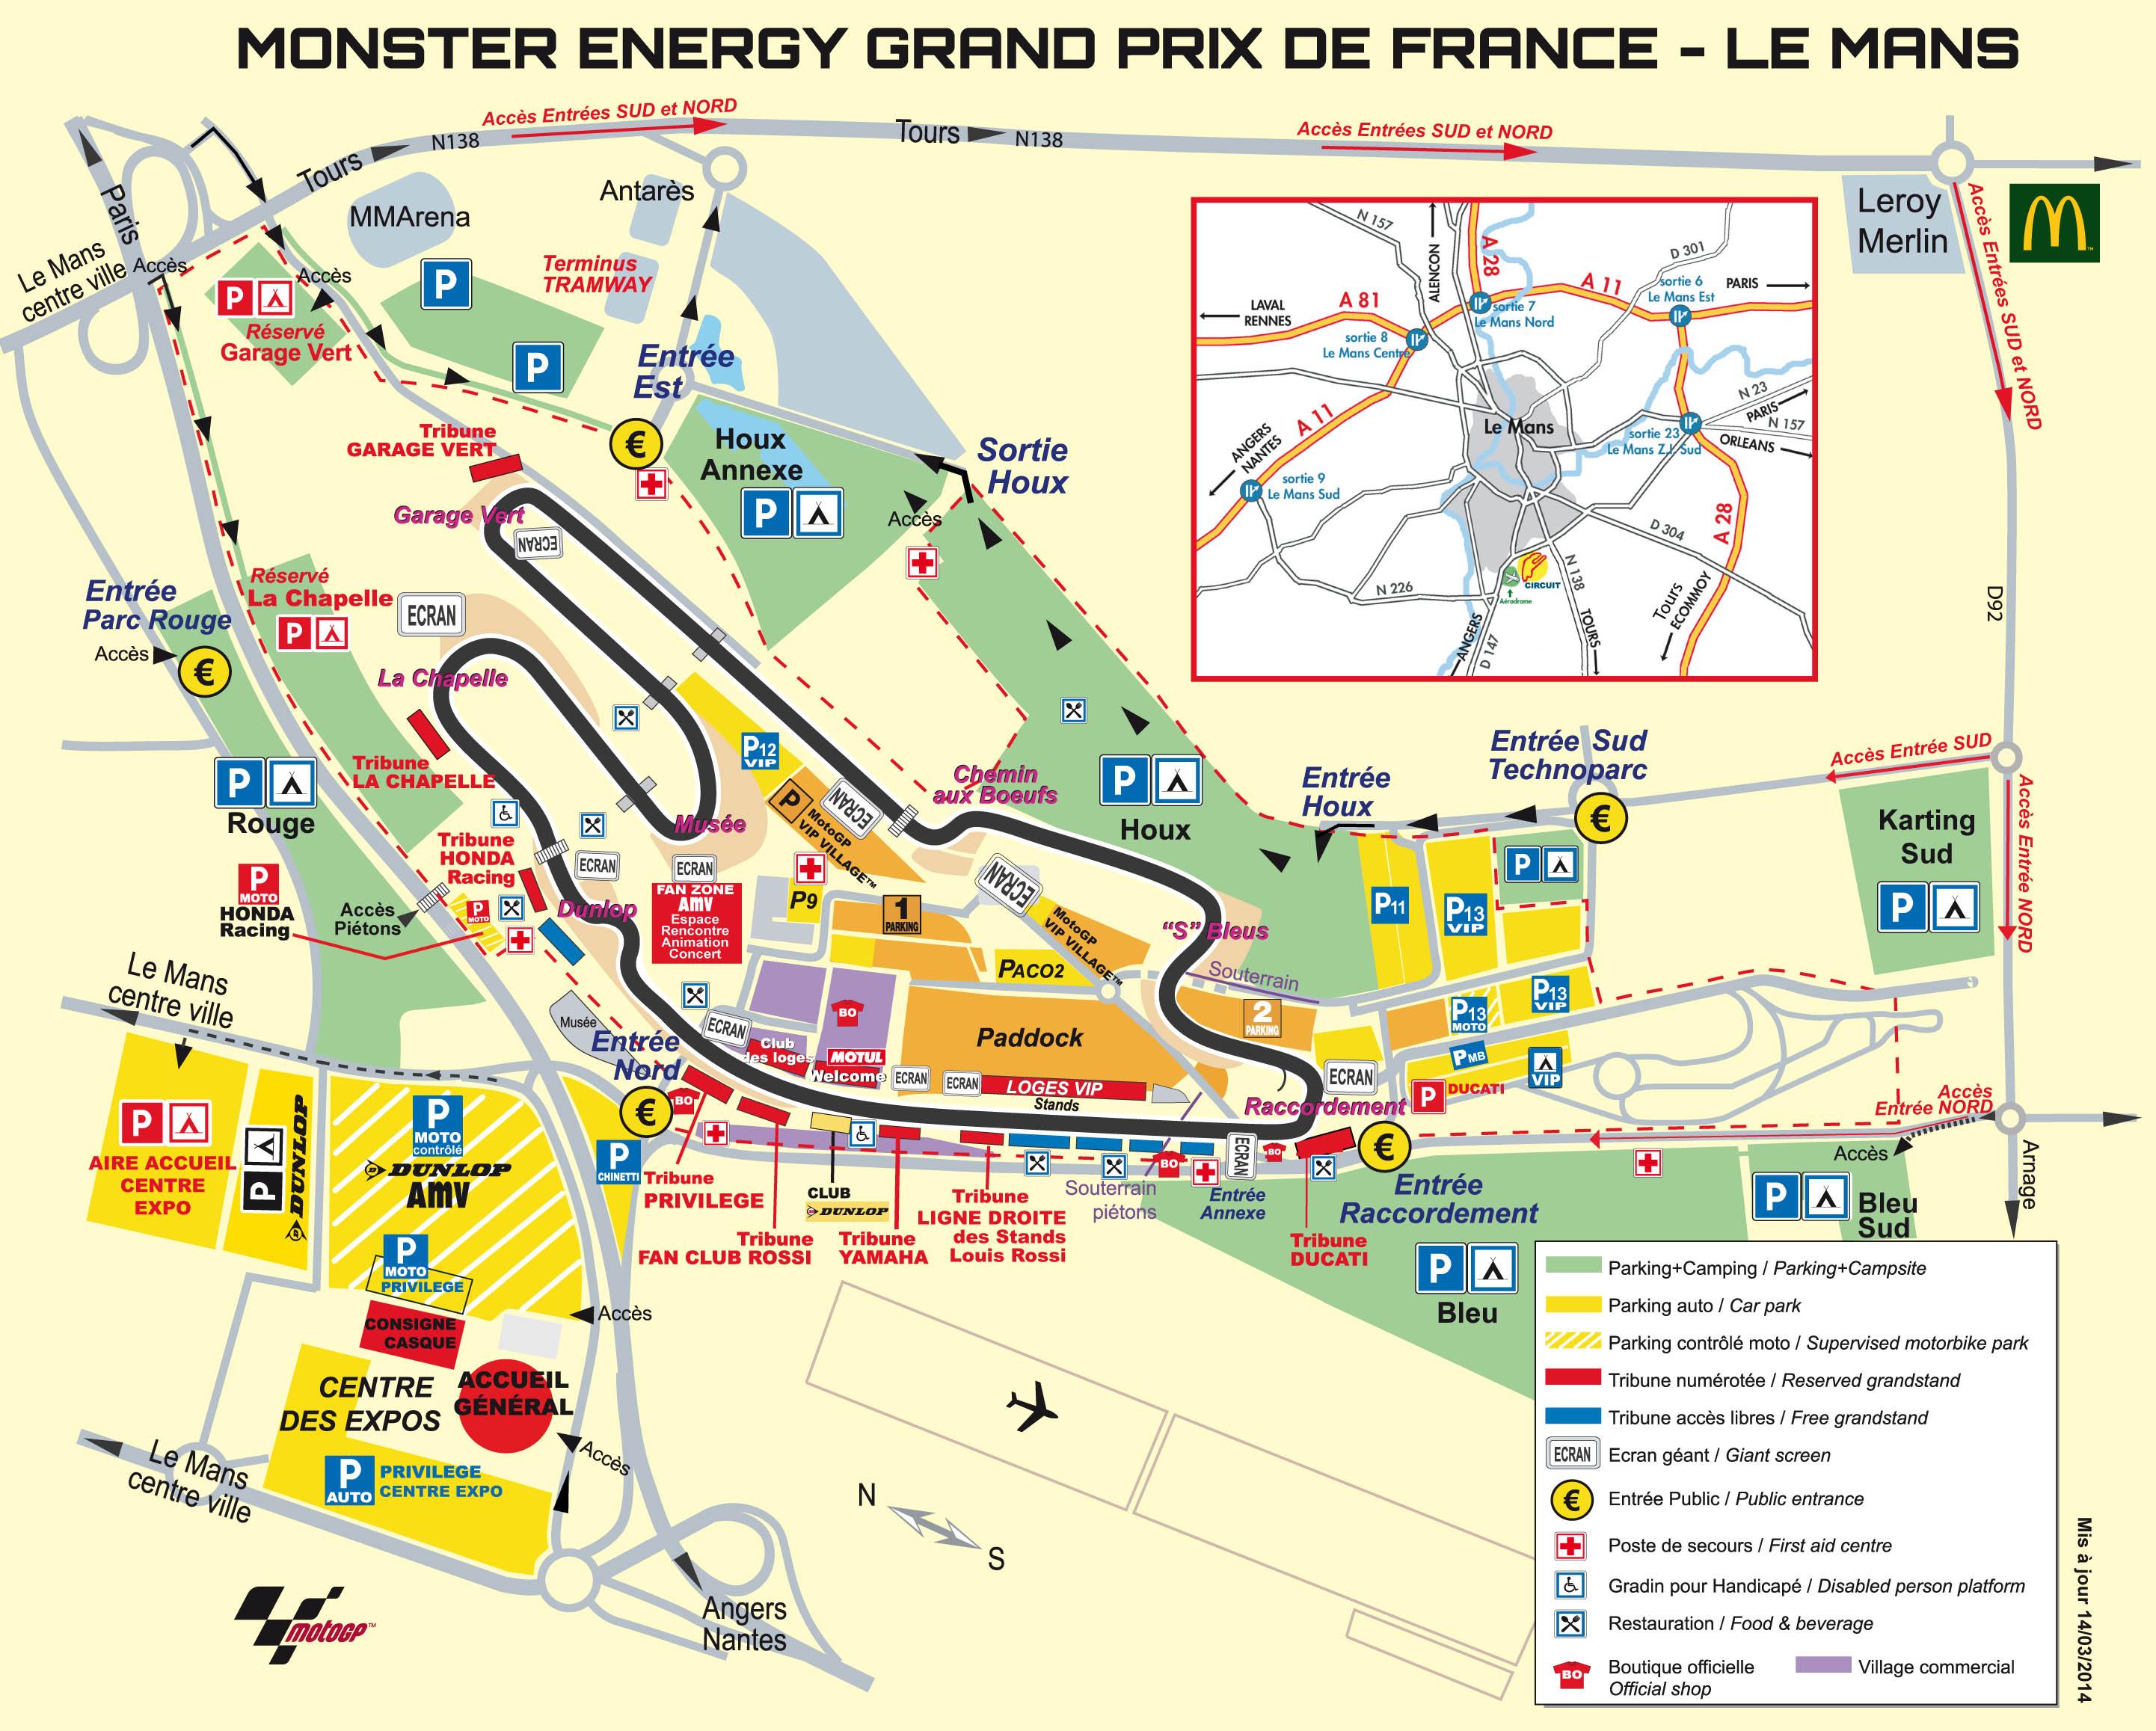 Plan des installations au Grand Prix de France 2014